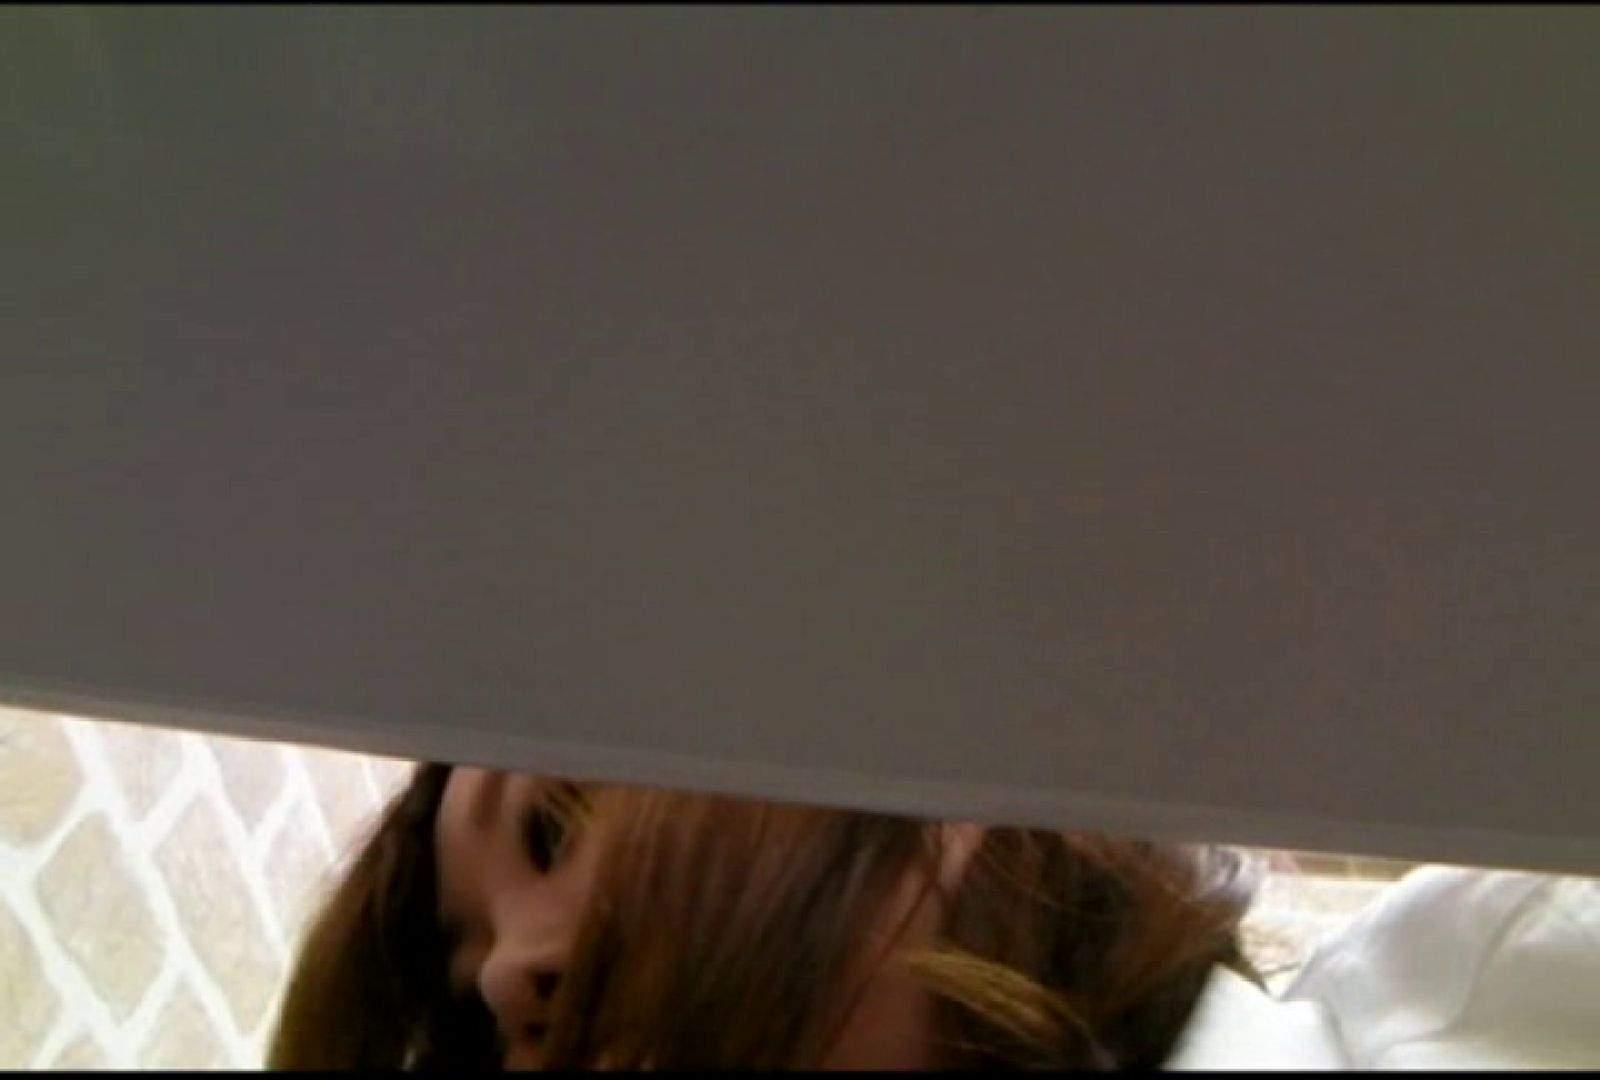 いきつけの美容院はノーブラ営業中!Vol.3 お姉さんのヌード   おっぱい  82画像 73